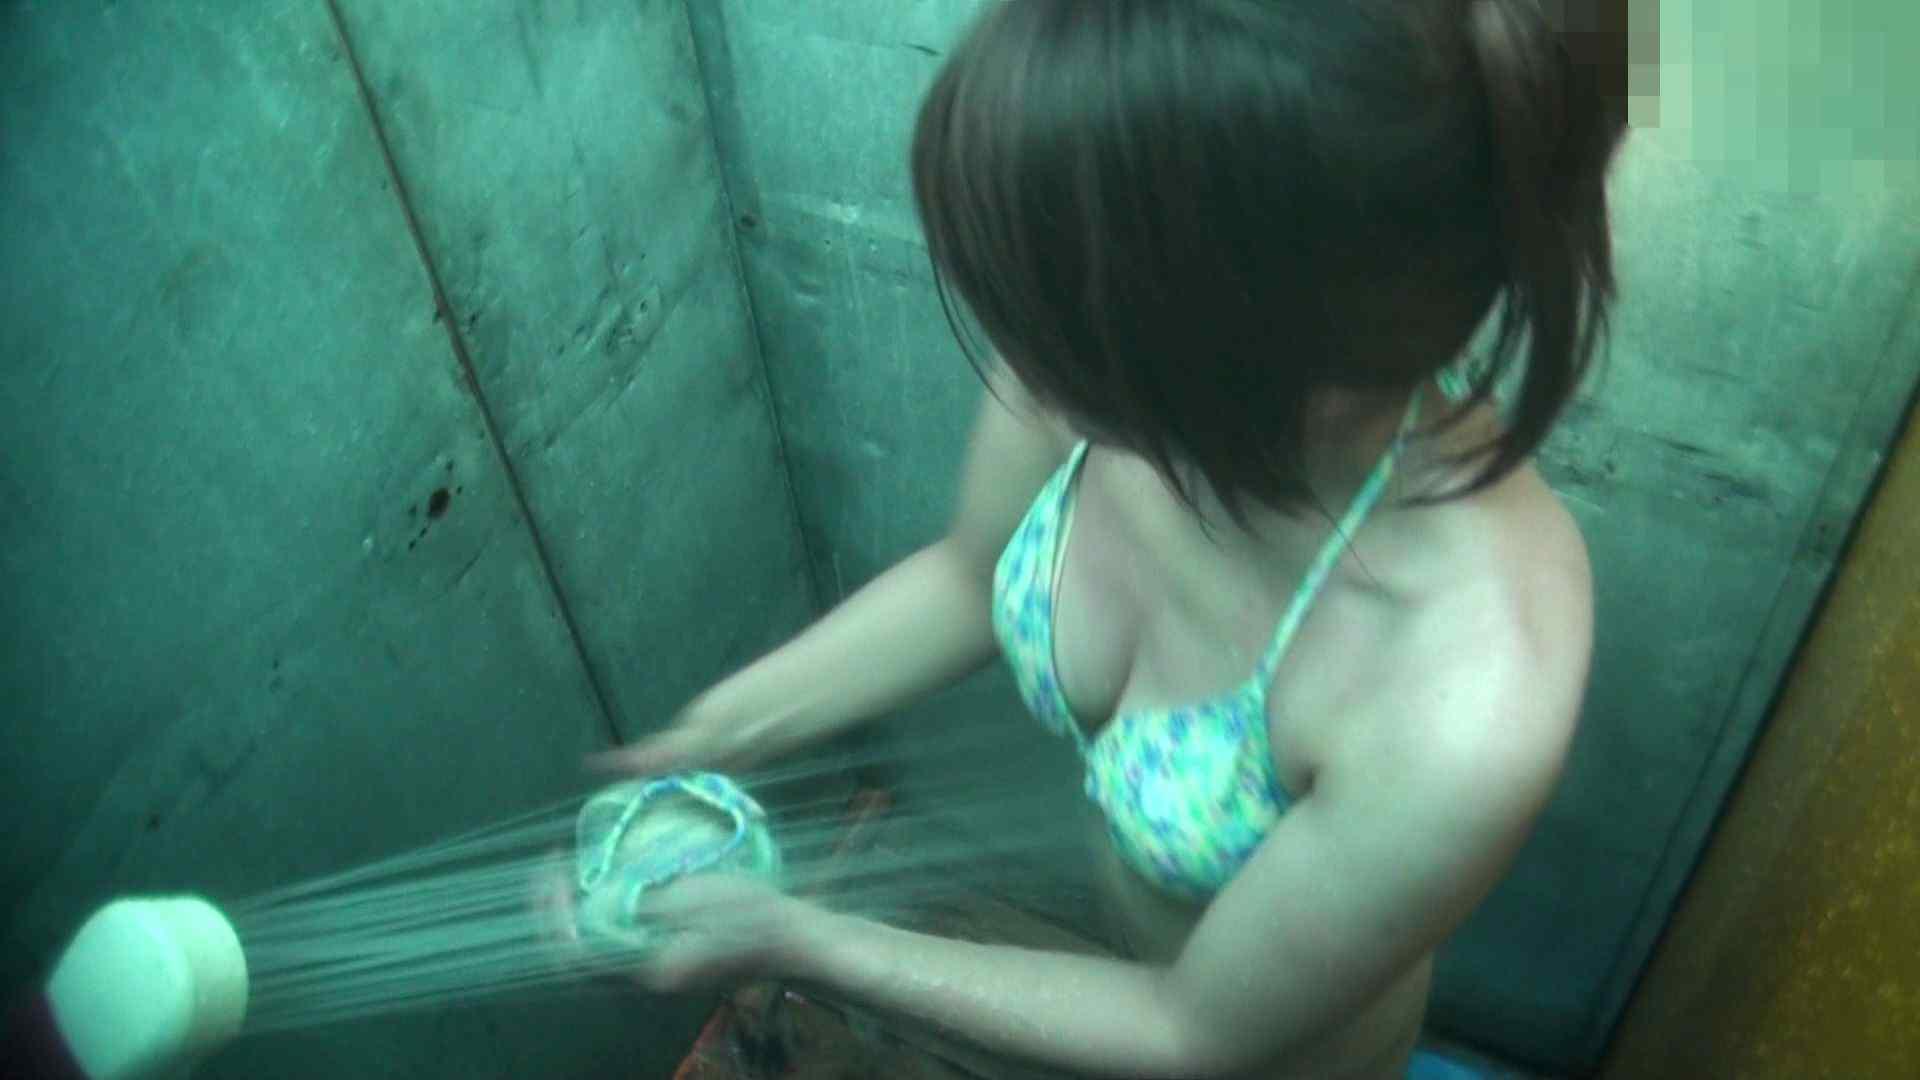 シャワールームは超!!危険な香りVol.15 残念ですが乳首未確認 マンコの砂は入念に 美しいOLの裸体 性交動画流出 70pic 47